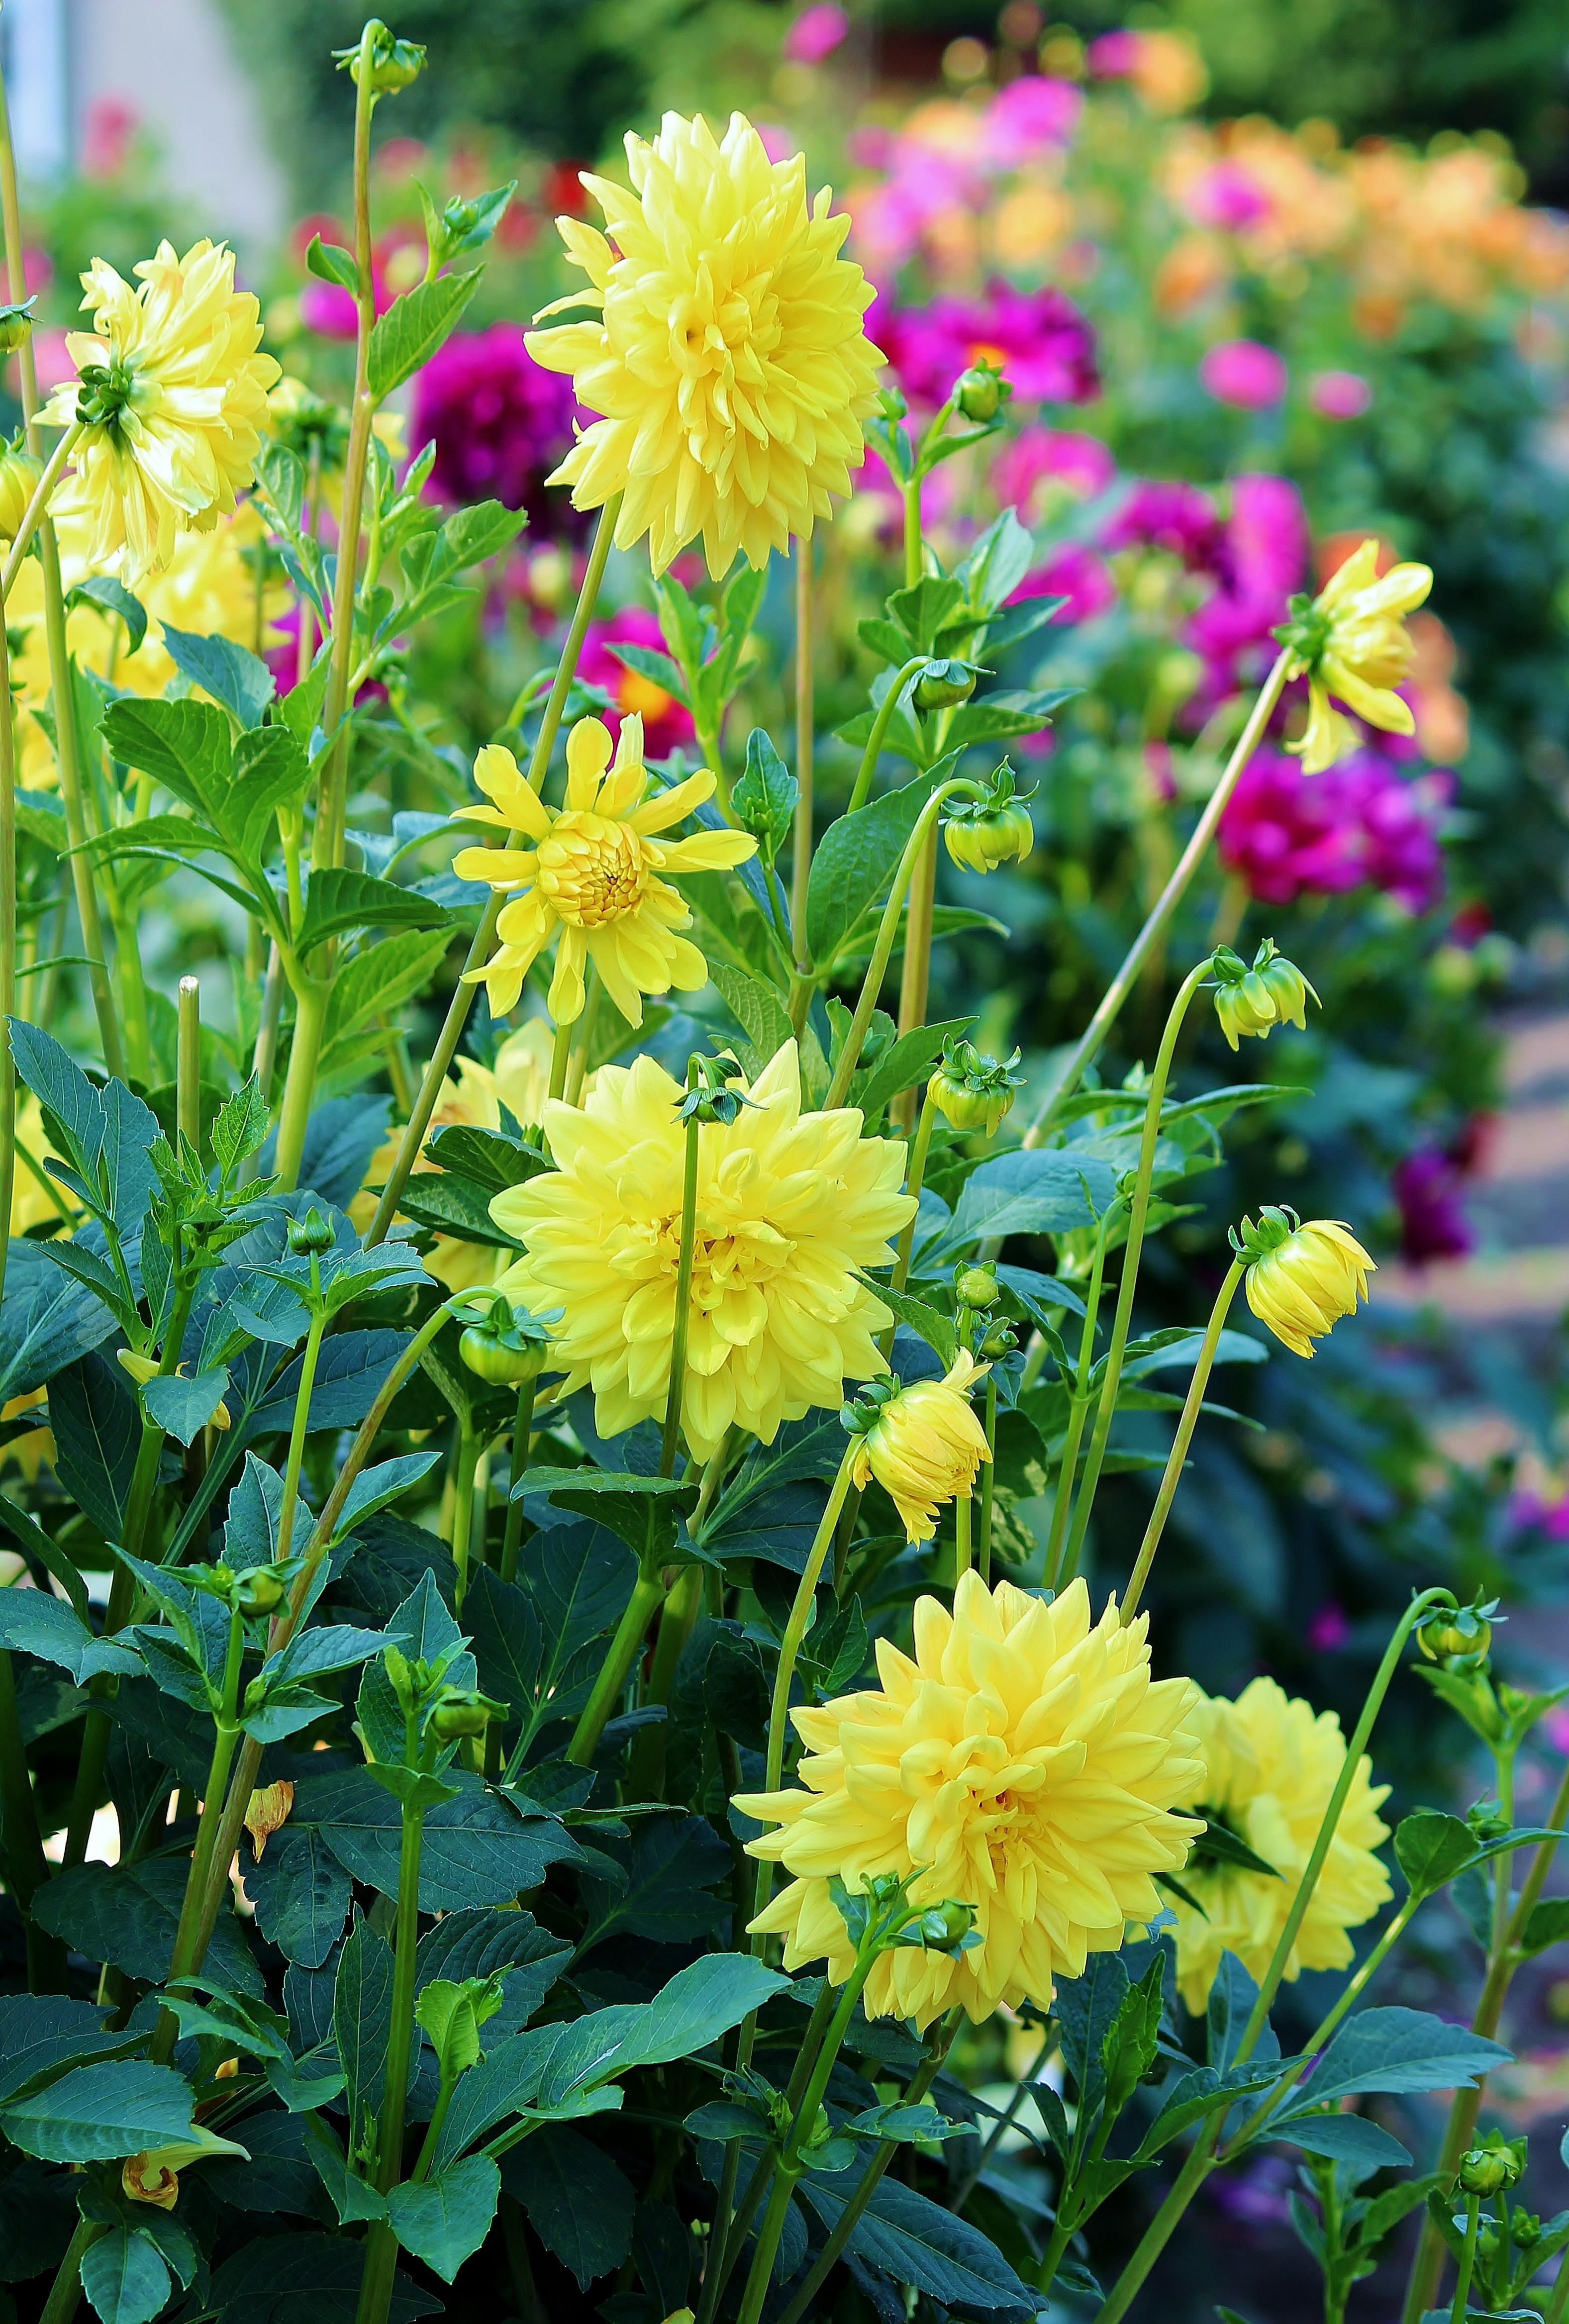 images gratuites la nature fleur champ prairie prairie floraison t buisson herbe. Black Bedroom Furniture Sets. Home Design Ideas